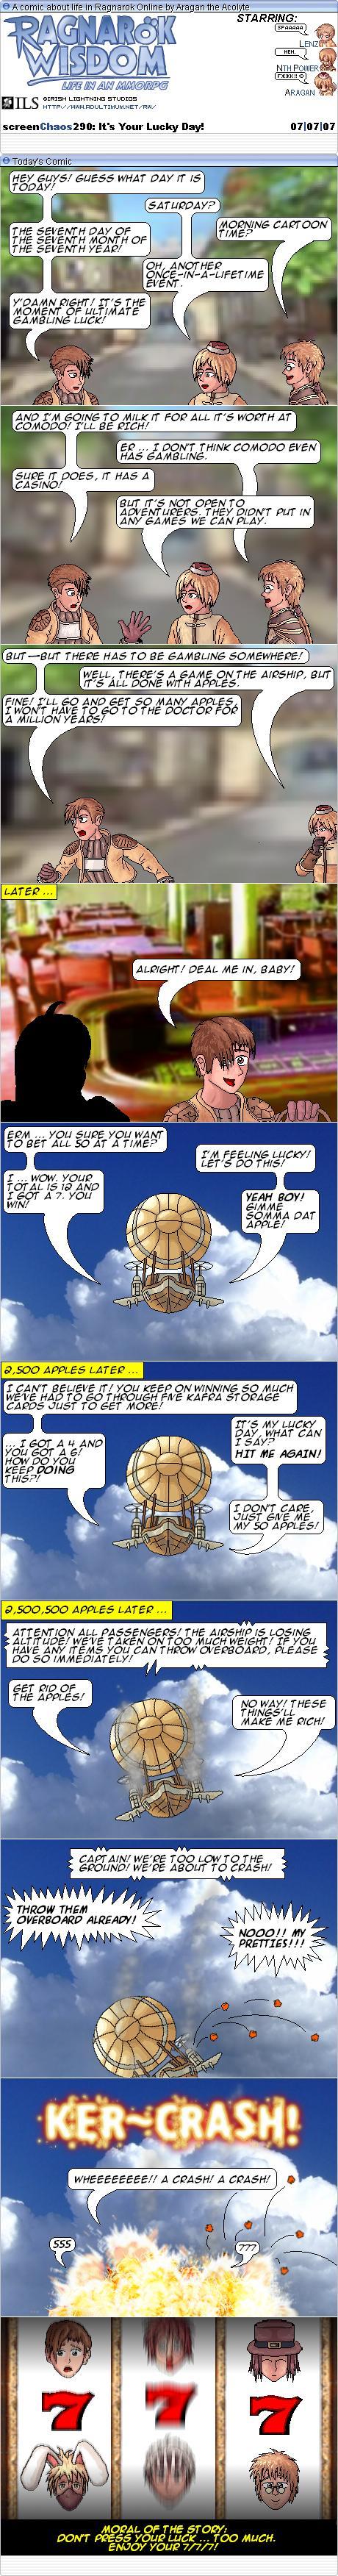 Comic #312